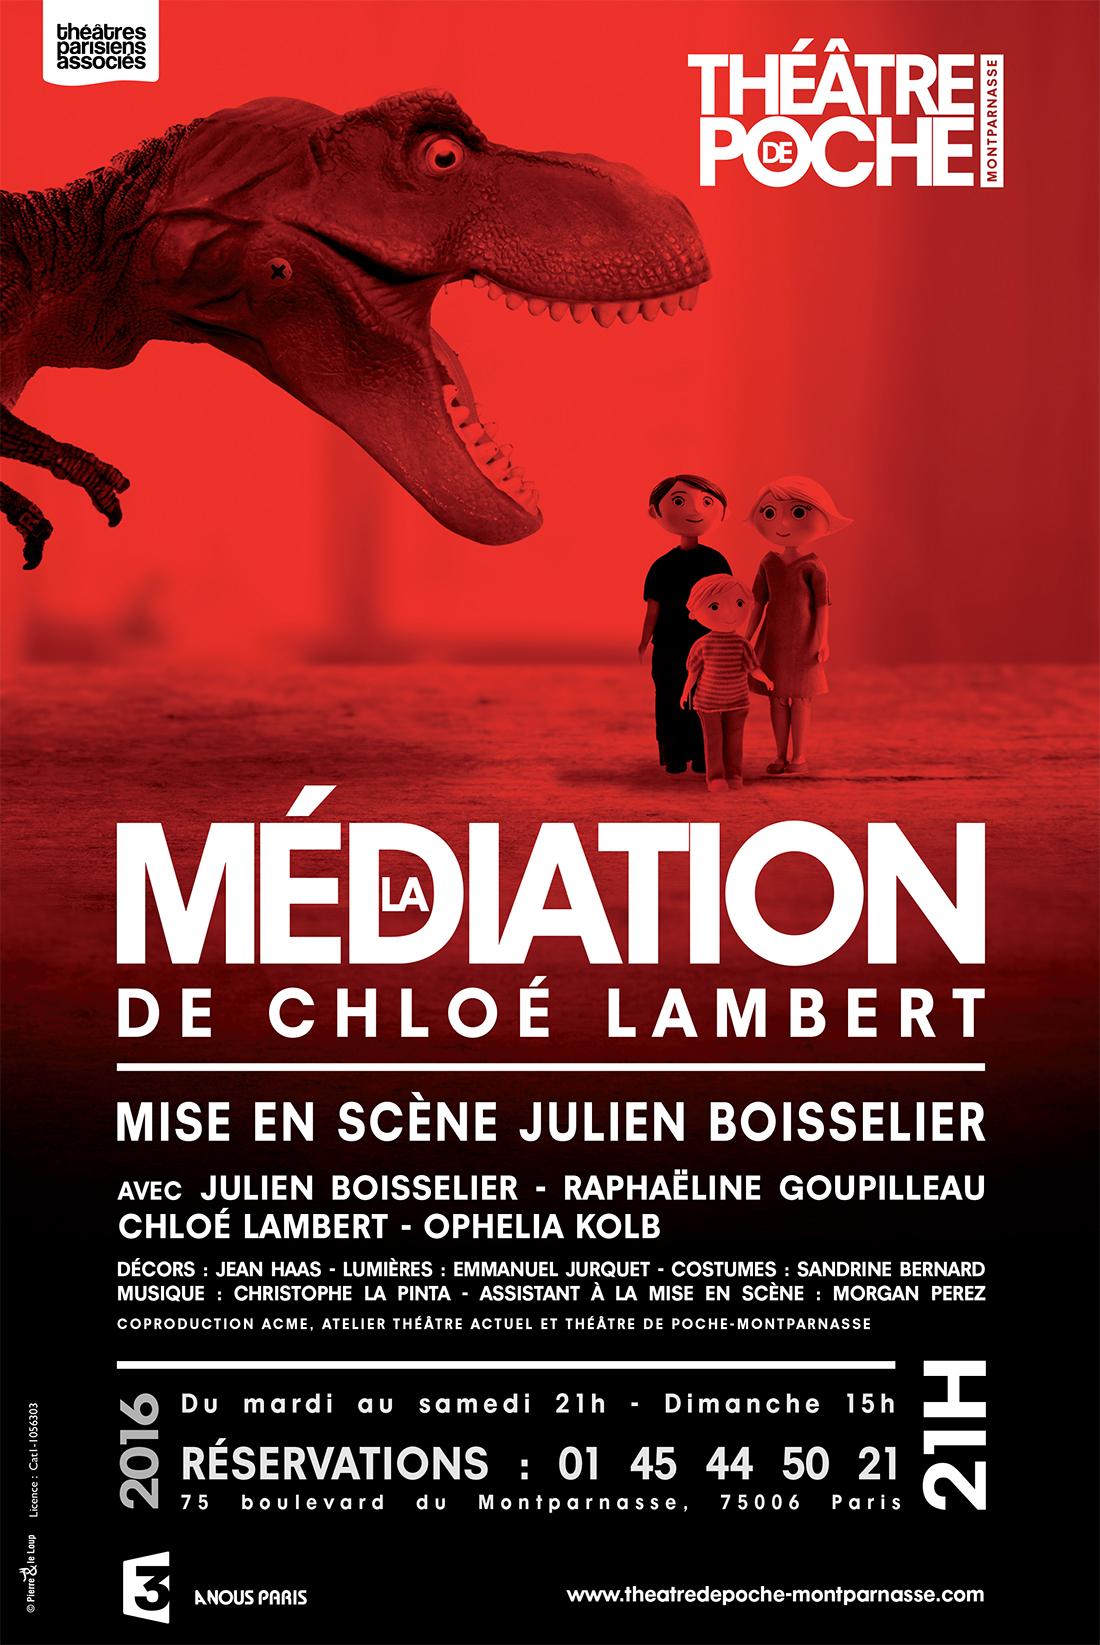 AFF-LA-MEDIATION